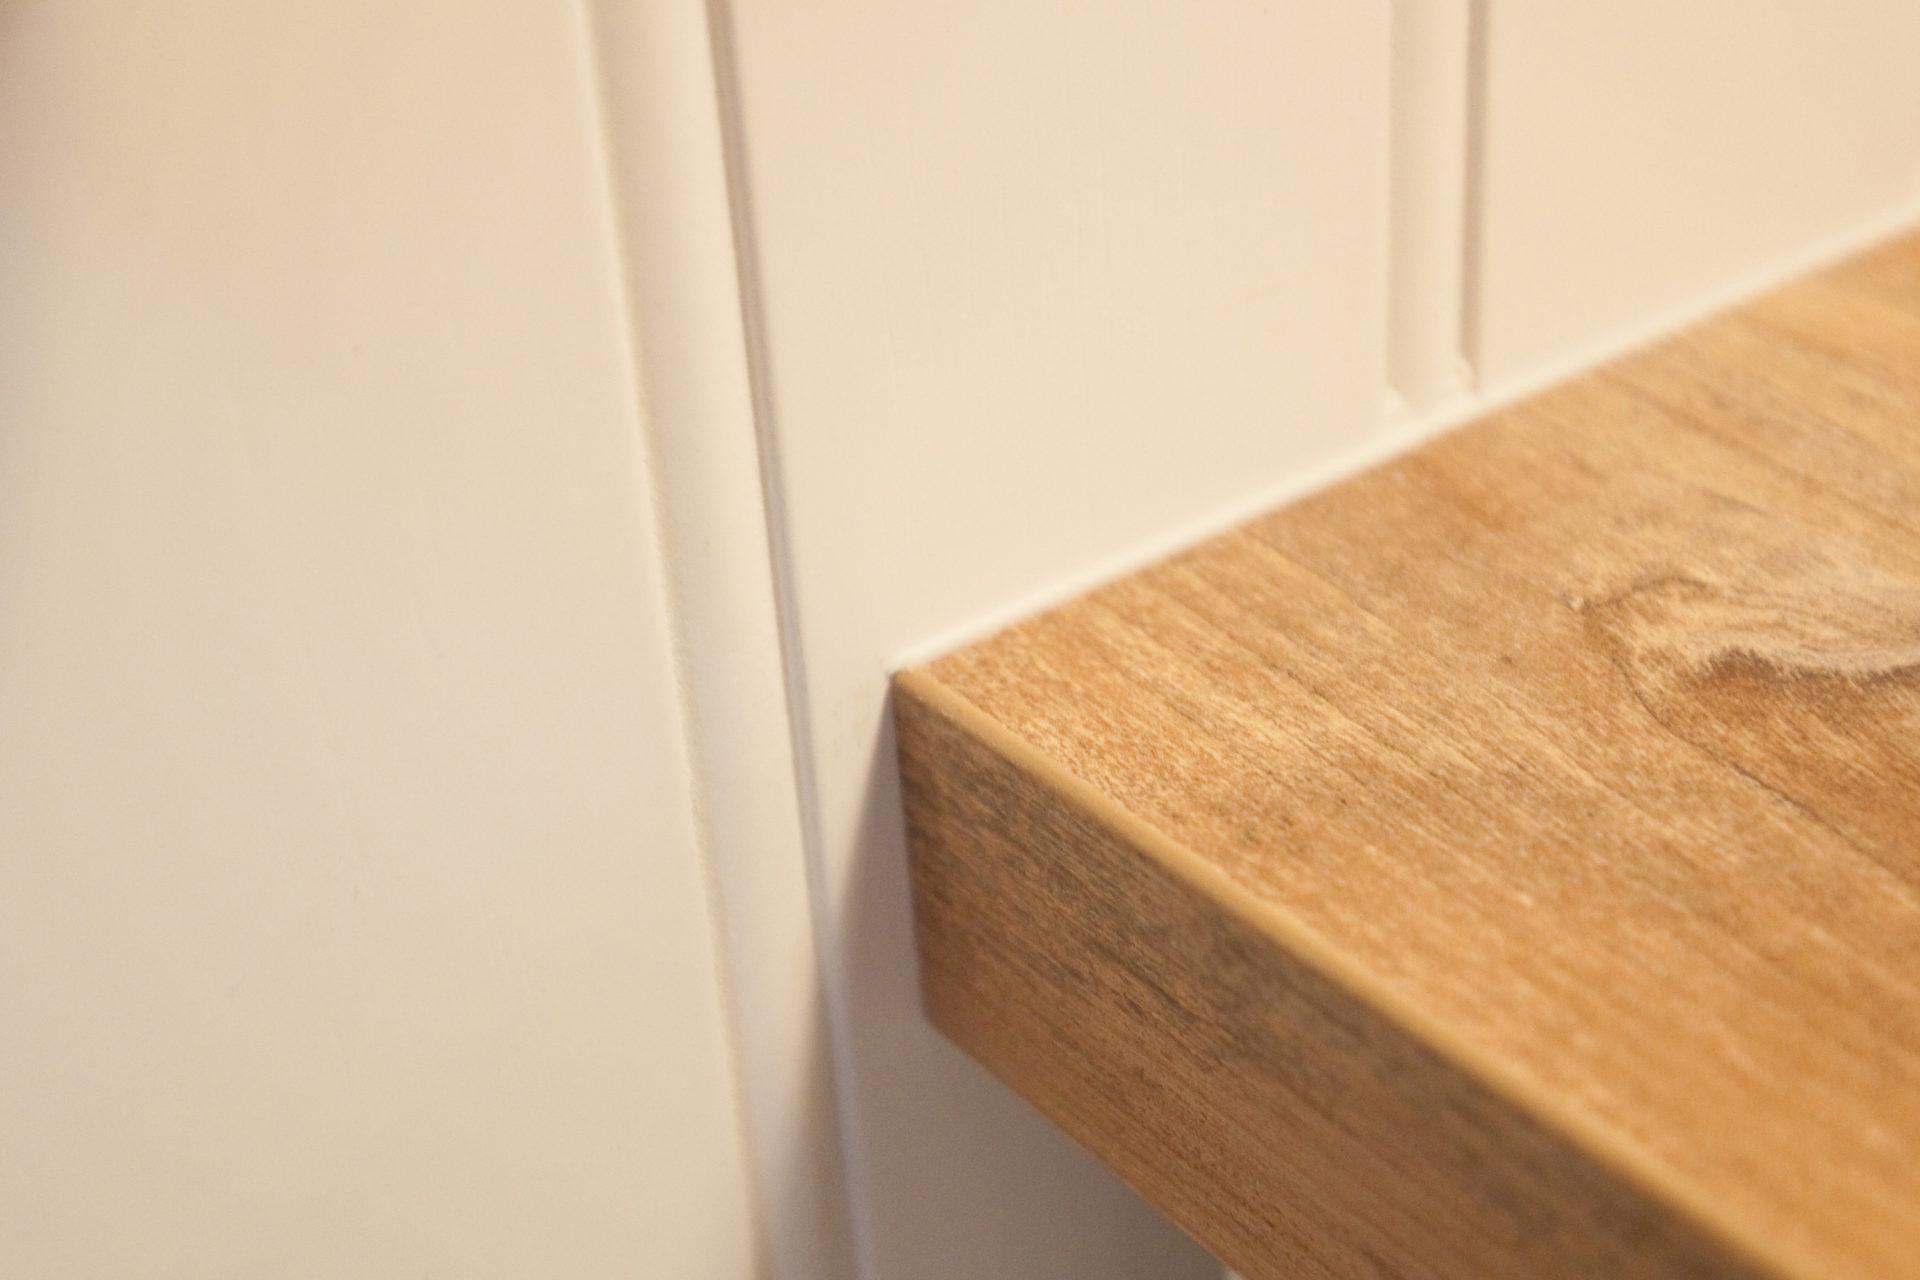 Moderne Landhauskueche Weiß Klassisch Holz Kueche Kochinsel Bora Neff 070